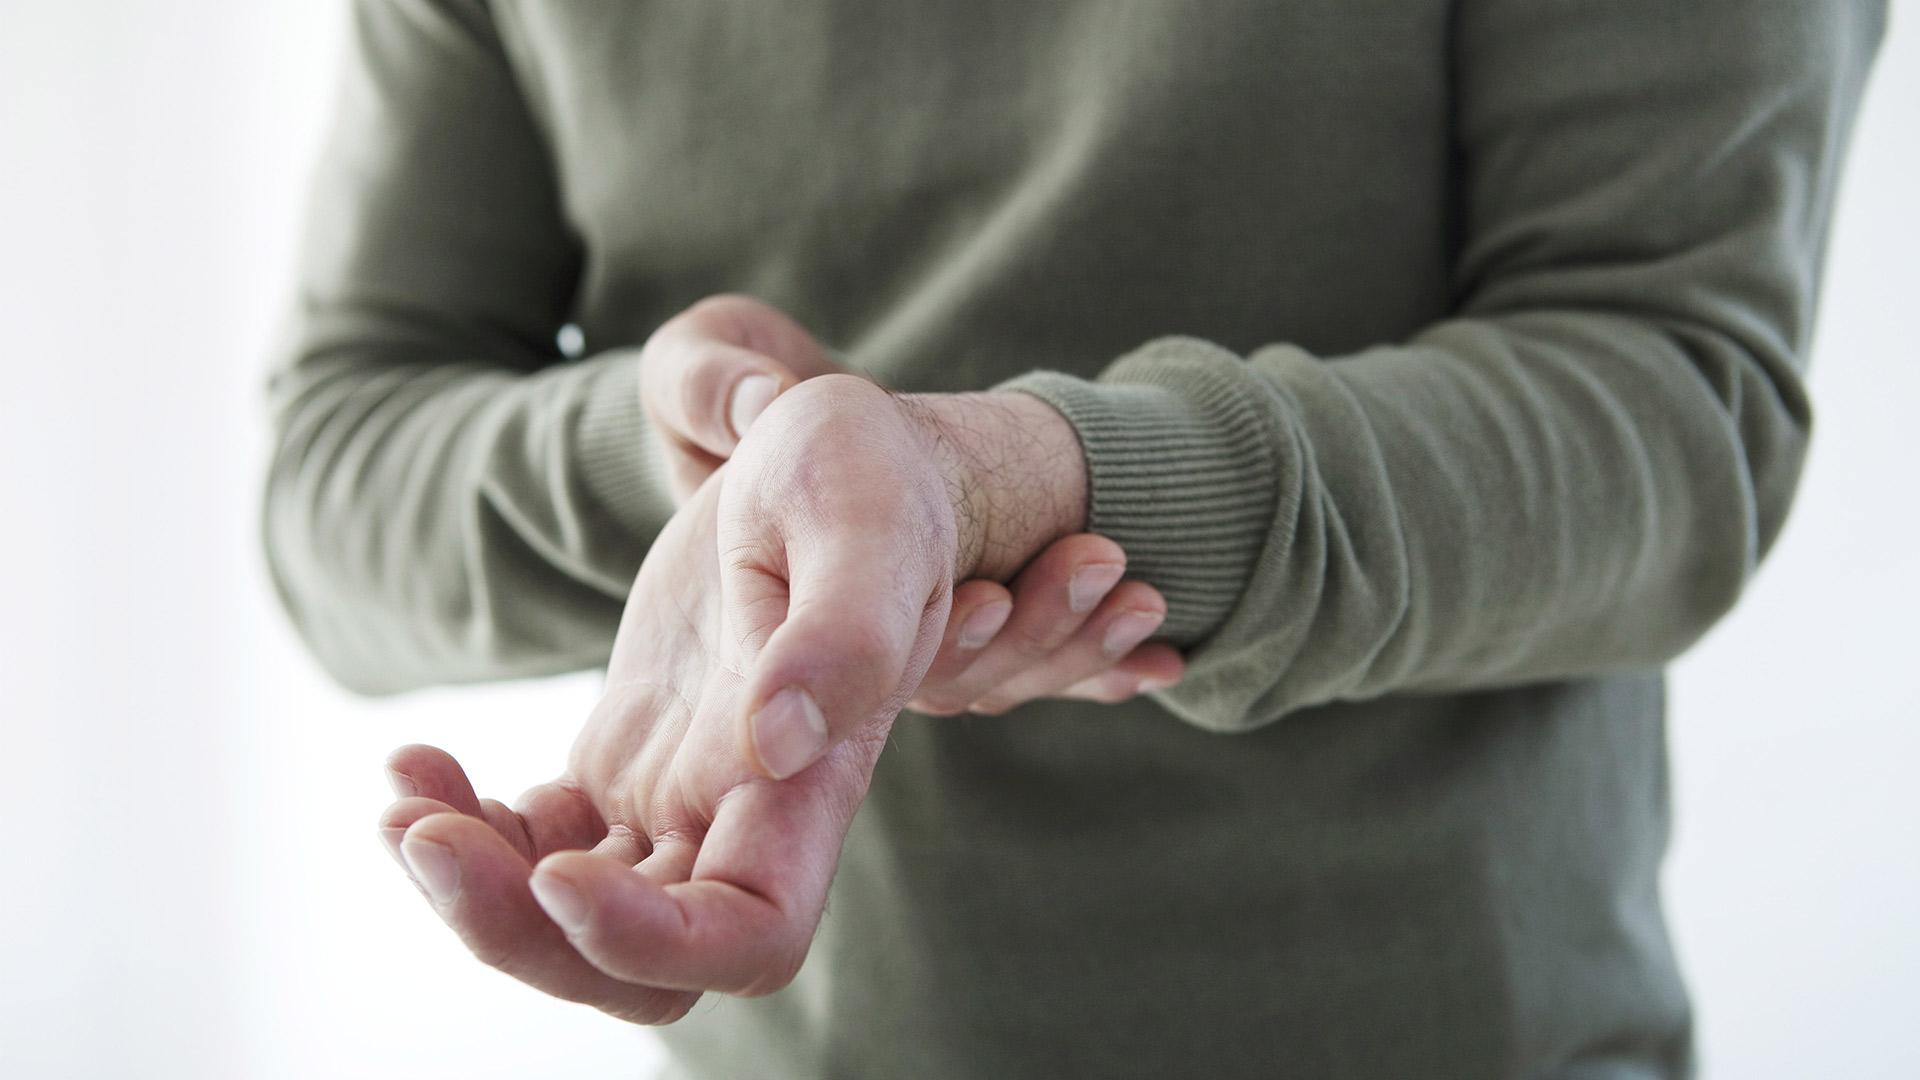 Akad, szorul és fáj – A pattanó ujjról röviden